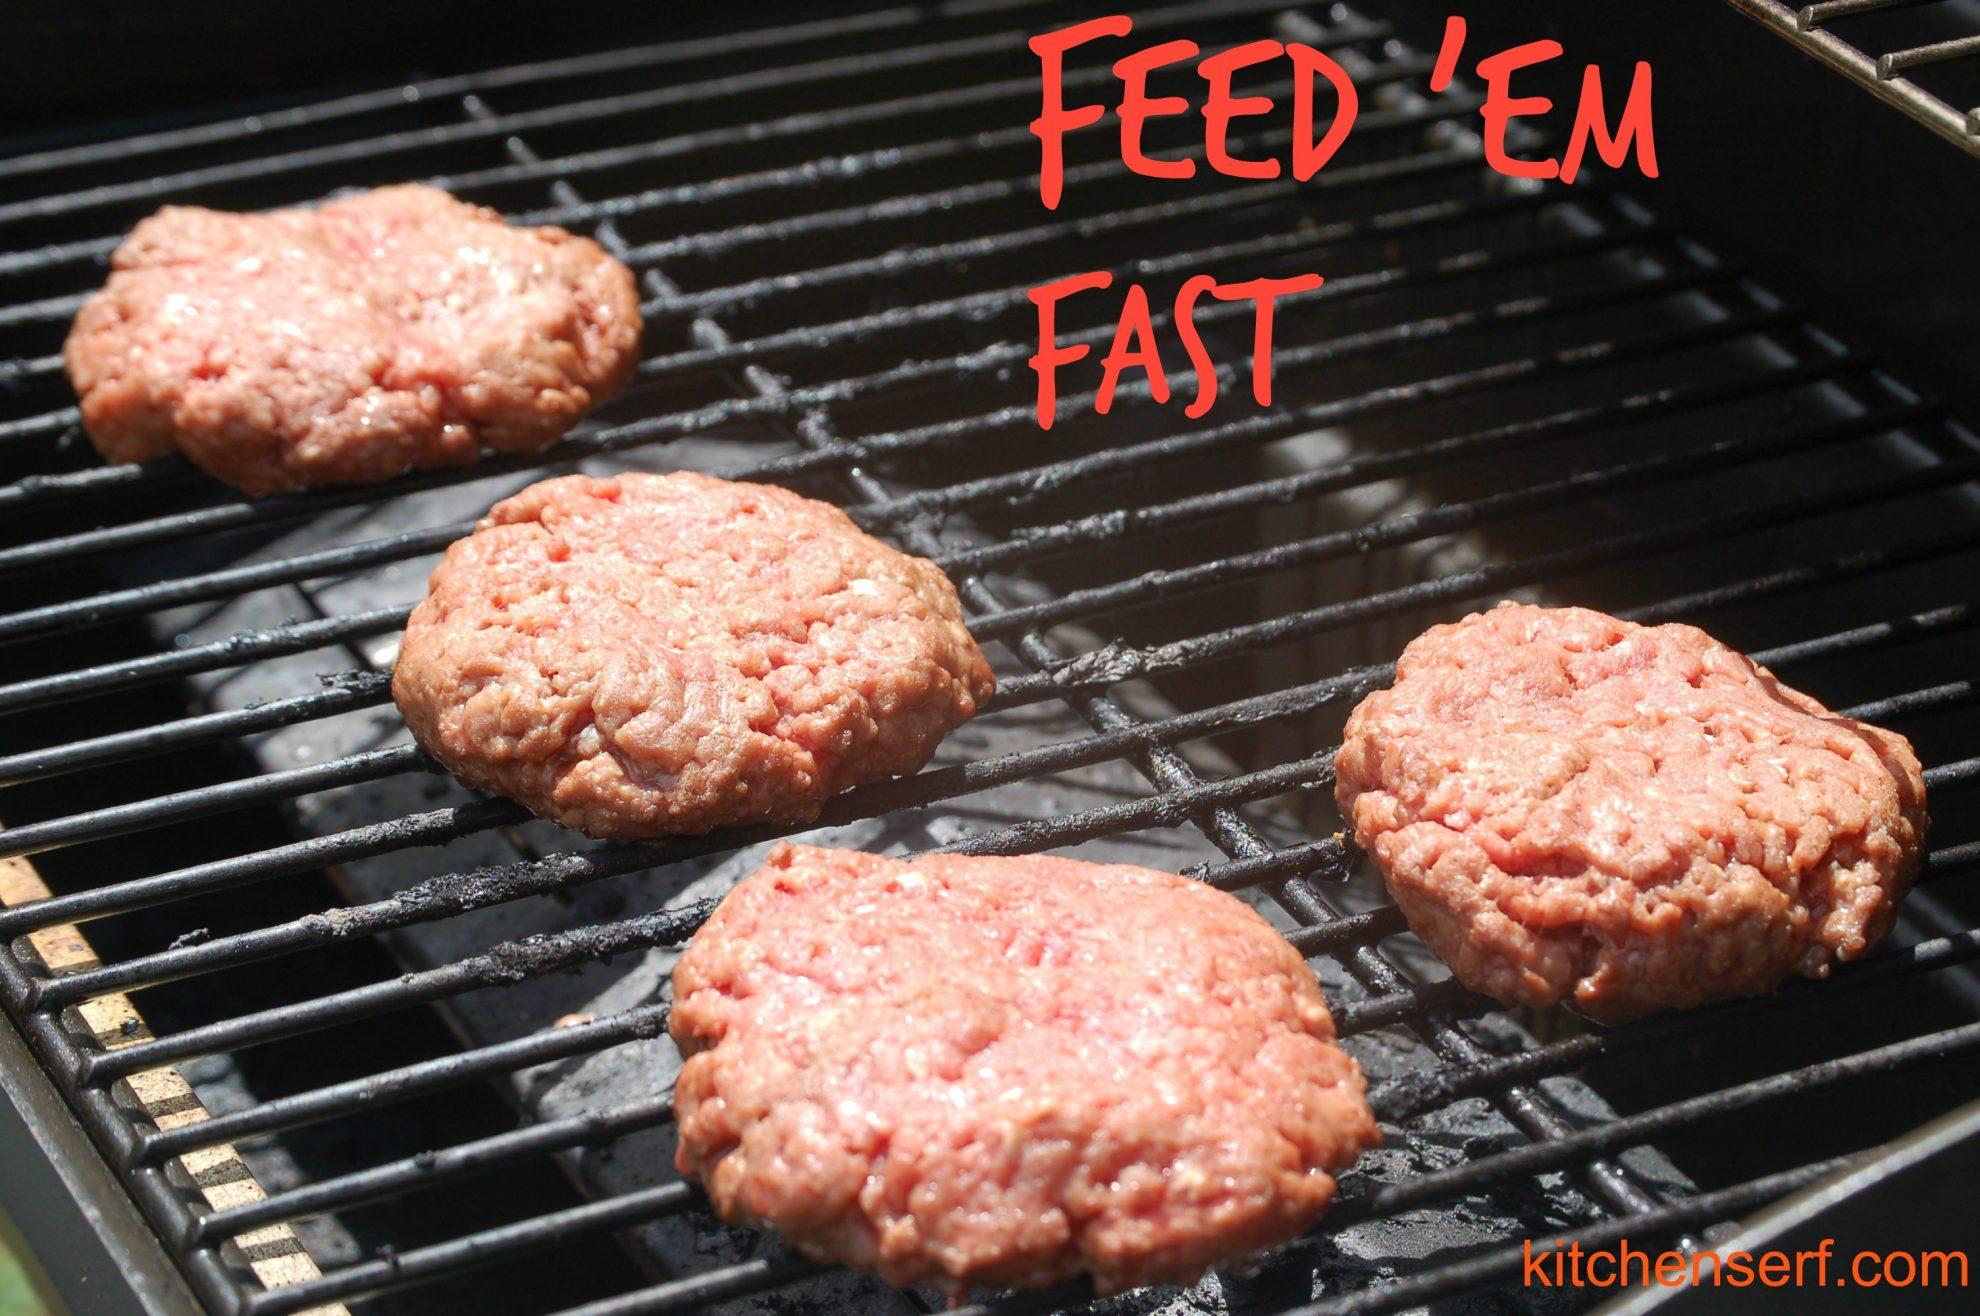 Feed Em' Fast: Gas Grill